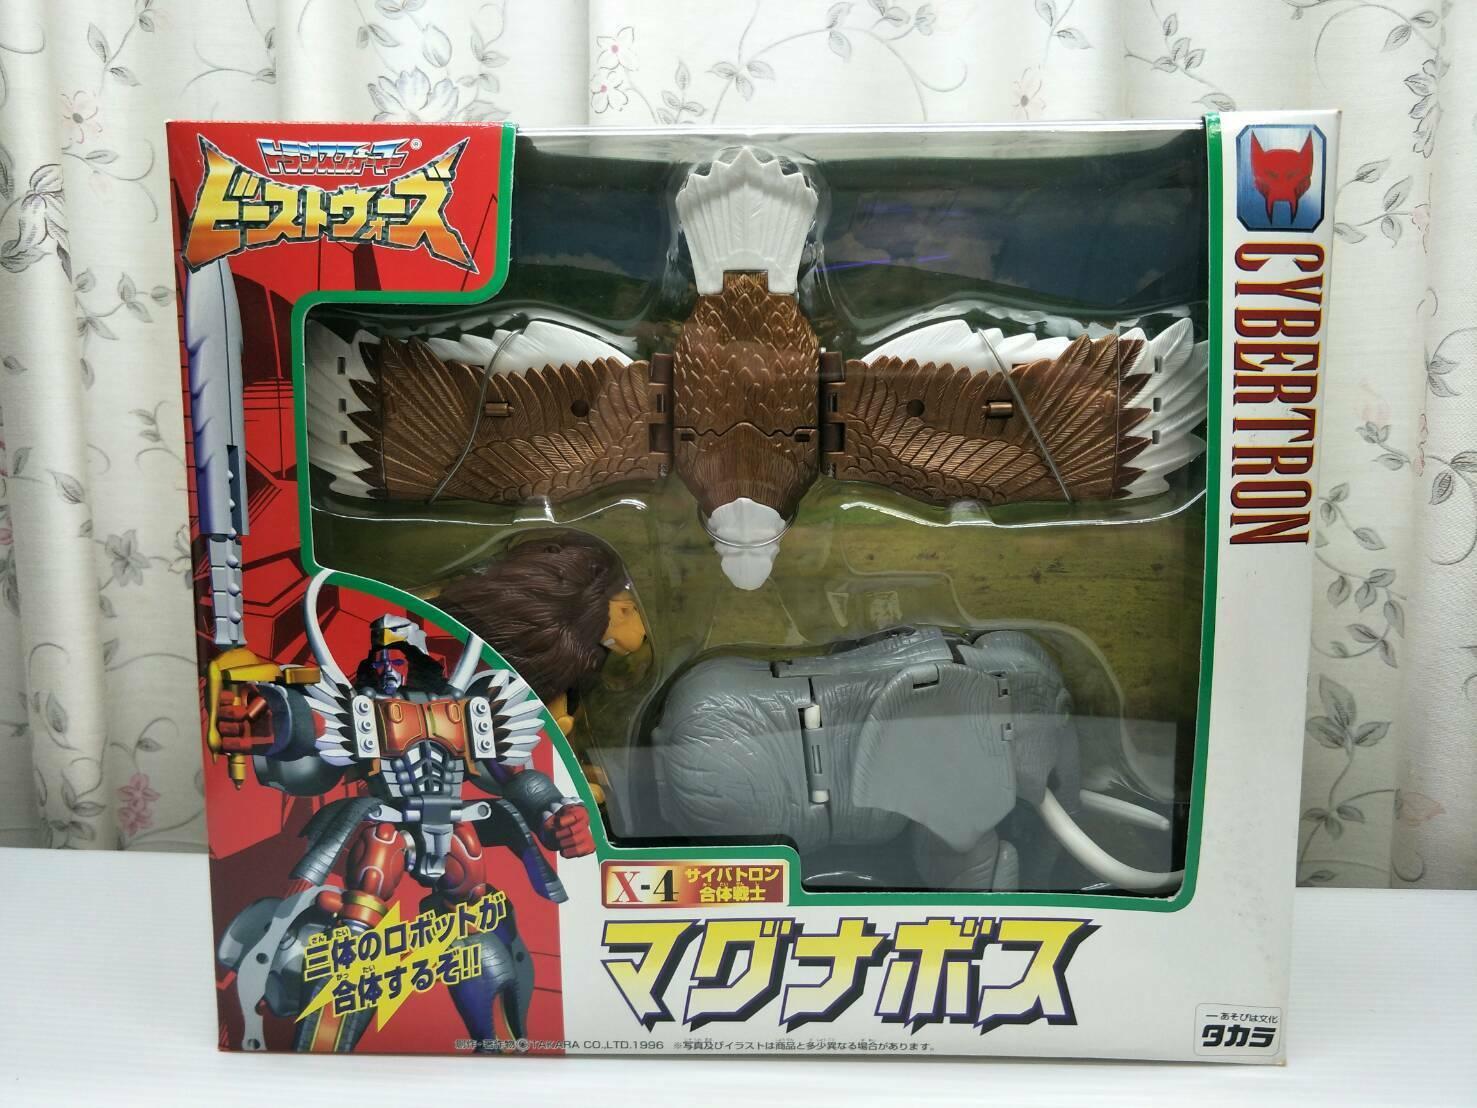 Centro comercial profesional integrado en línea. X-4 magnaboss magnaboss magnaboss Takara Cybertron Beast Wars 1996 MIB Envío Gratuito  70% de descuento